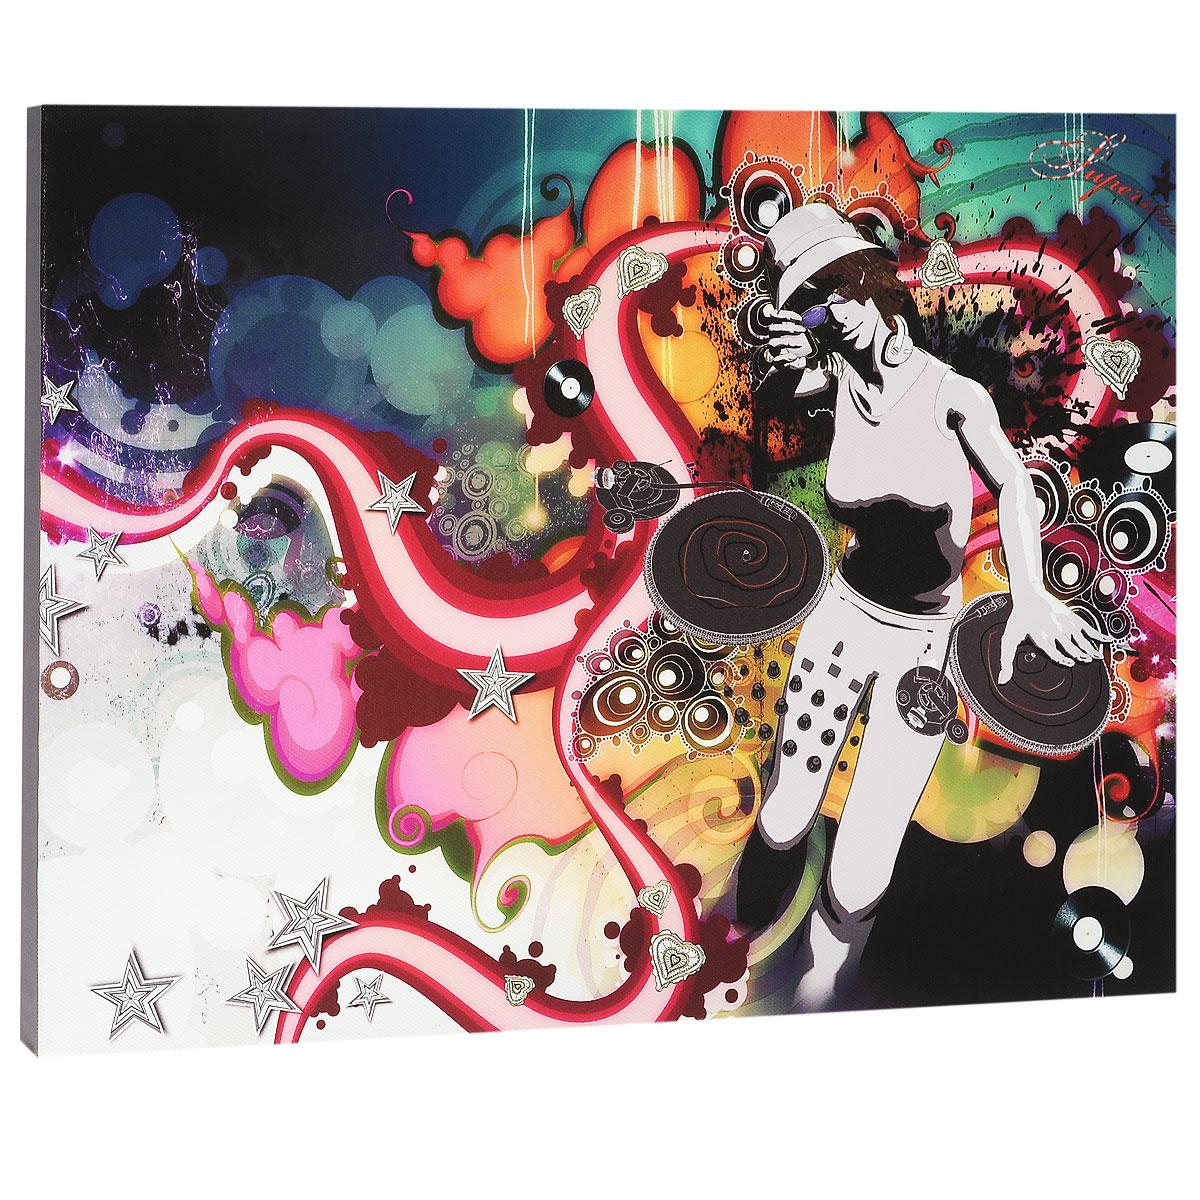 КвикДекор Картина на холсте Диджей, 40 см х 30 см97678Картина на холсте КвикДекор Диджей - это прекрасное украшение для вашей гостиной или спальни. Она привнесет в интерьер яркий акцент и сделает обстановку комфортной и уютной. A.k.A - лондонская студия-бутик, включающая в себя творческую группу художников, которые часто работают в тесном сотрудничестве друг с другом. Их работы были отмечены по всему миру для таких крупных компаний, как Dreamworks, Pepsi, Random House, Ford, Avia, Mazda, Future, TIME, Phillip Morris, Bacardi и многие другие. Студия A.k.A была даже номинирована на Оскар, как независимая студия анимации в Лондоне. Их работы создаются с помощью сочетания фотографий, 3D-моделирования, обработки в Photoshop, традиционного ретуширования, рисунка карандашом, векторной графики и пера и чернил. Этот уникальный и многоплановый стиль делает студию A.k.A выдающейся. Работы художников-дизайнеров студии сразу бросаются в глаза и мало кого оставляют равнодушными. Картина на холсте КвикДекор Диджей не нуждается в рамке или багете - галерейная натяжка холста на подрамники выполнена очень аккуратно, а боковые части картины запечатаны продолжением картинки либо тоновой заливкой. На обратной стороне подрамника есть отверстие, благодаря которому картину можно легко закрепить на стене, и подкорректировать ее положение. Картина на холсте Диджей дизайн-студии A.k.A станет отличным украшением для вашего интерьера!